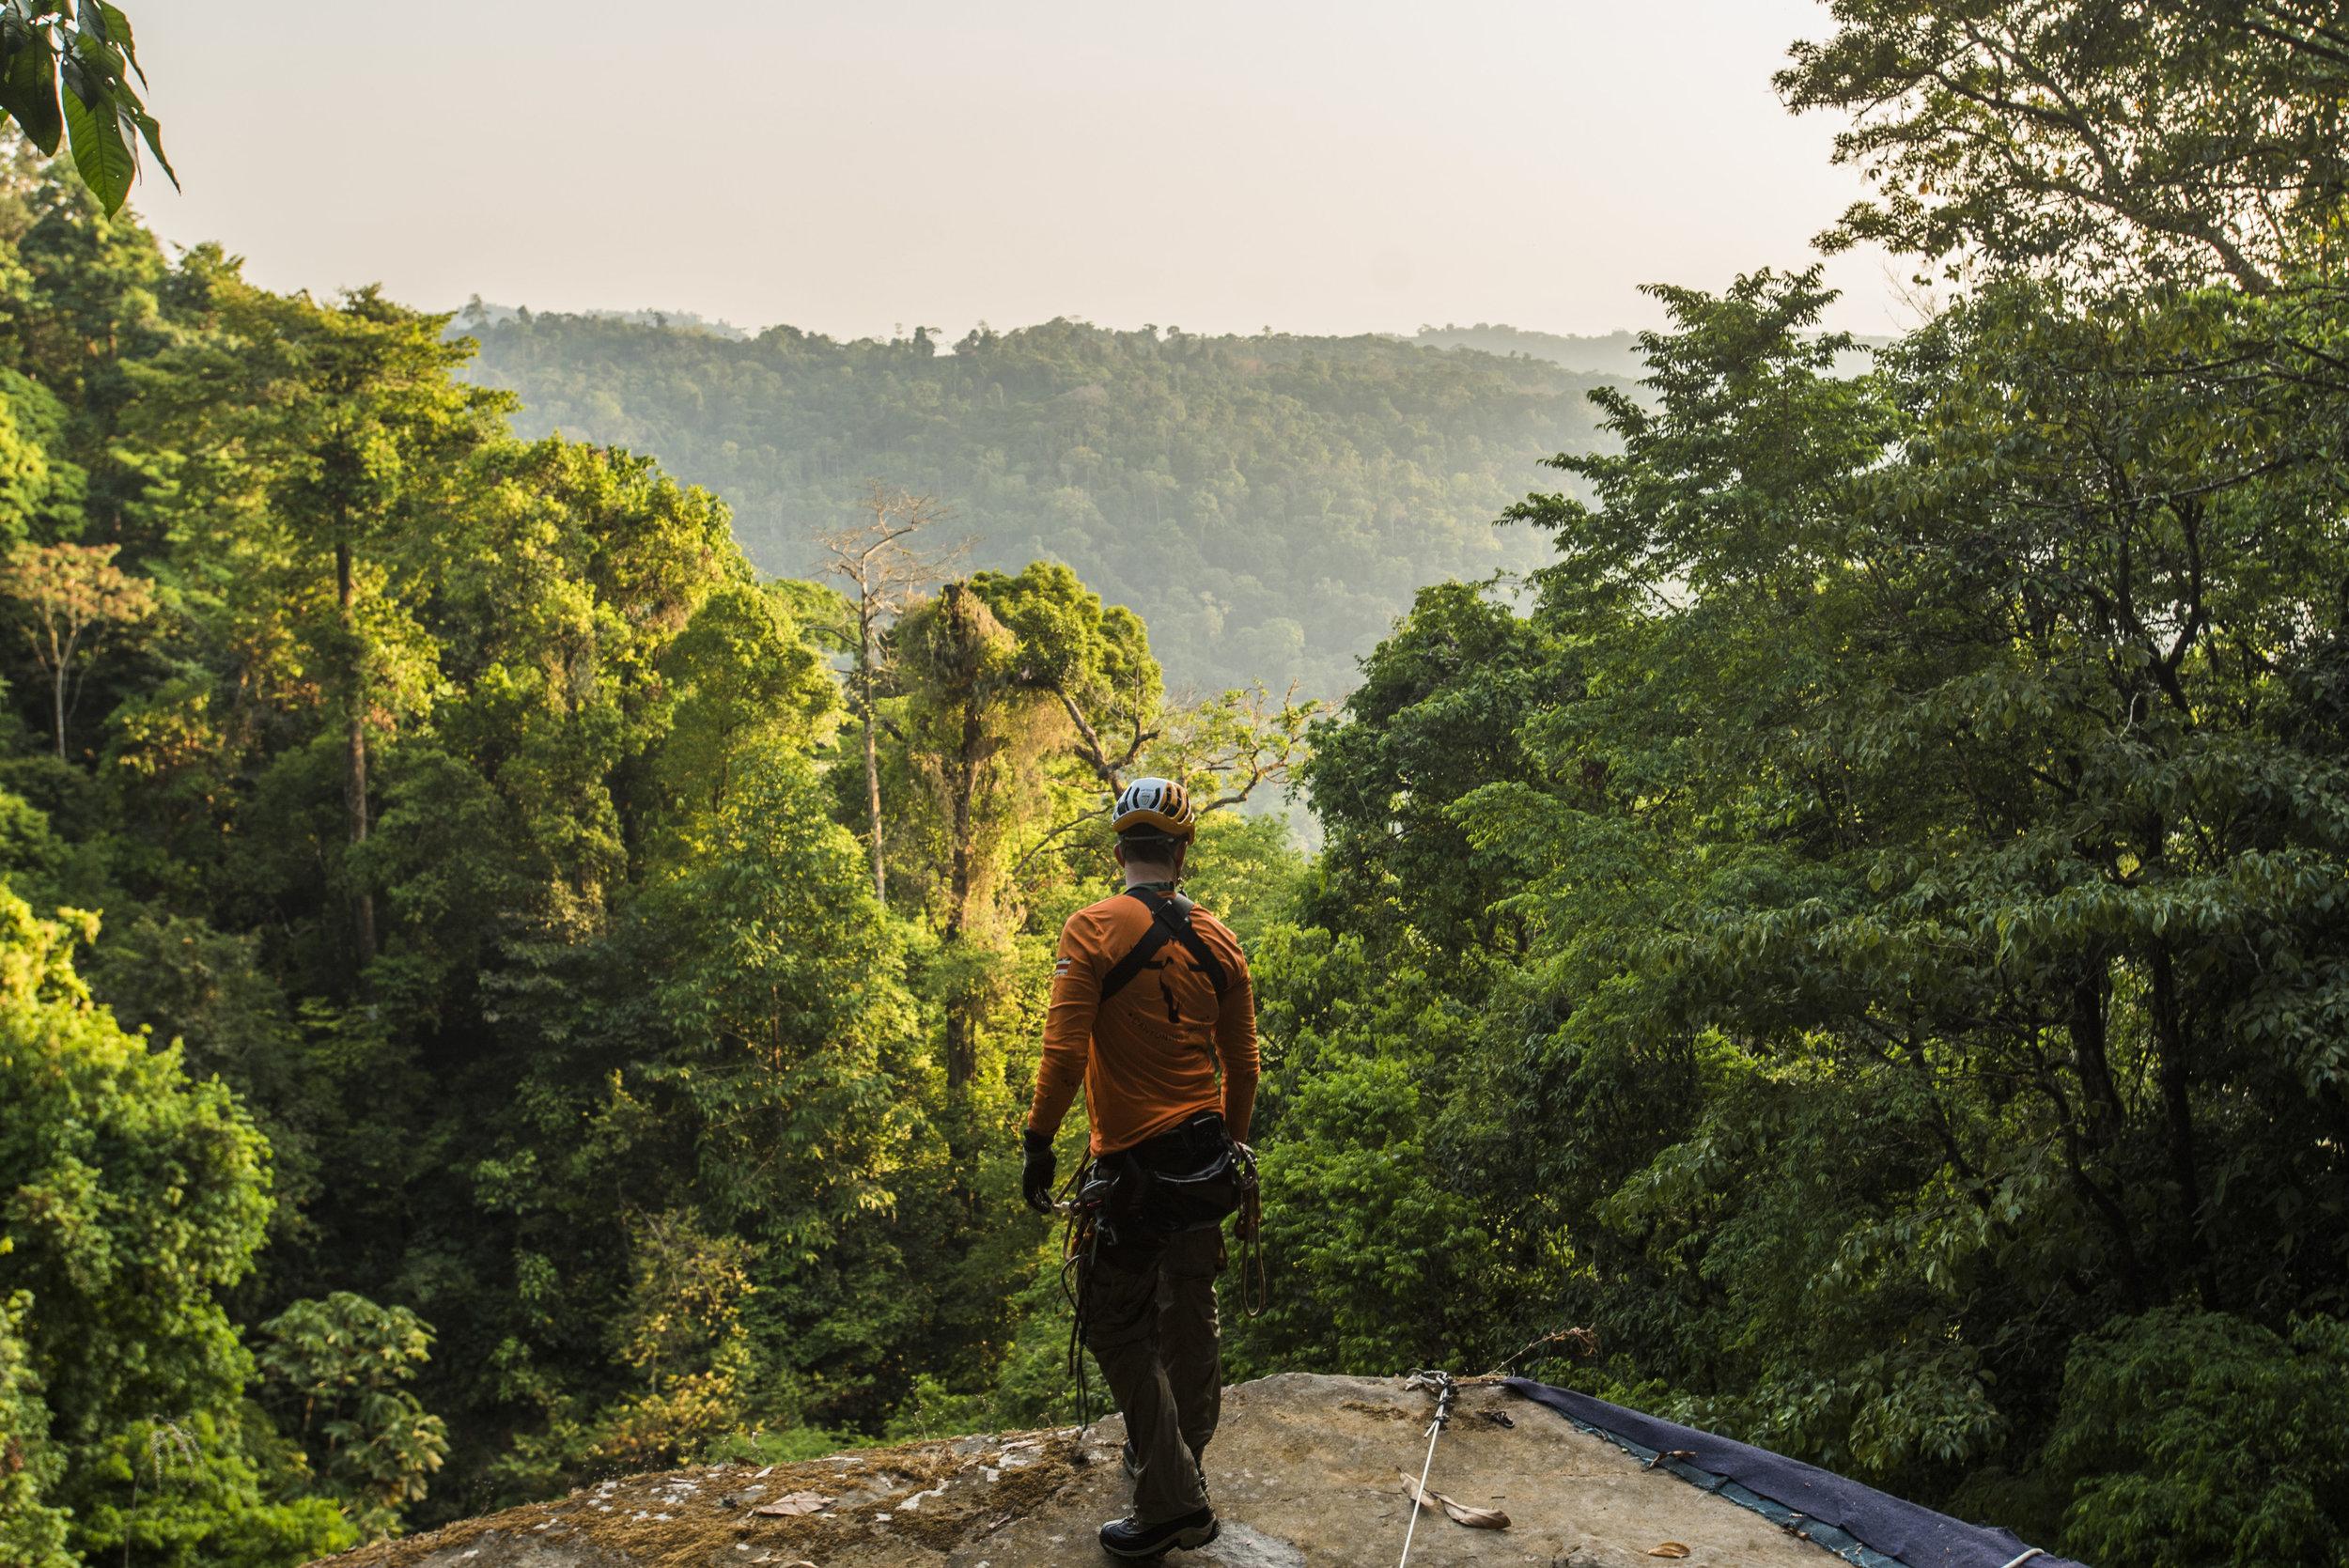 Una de las hermosas vistas a lo largo de la ruta Diamante